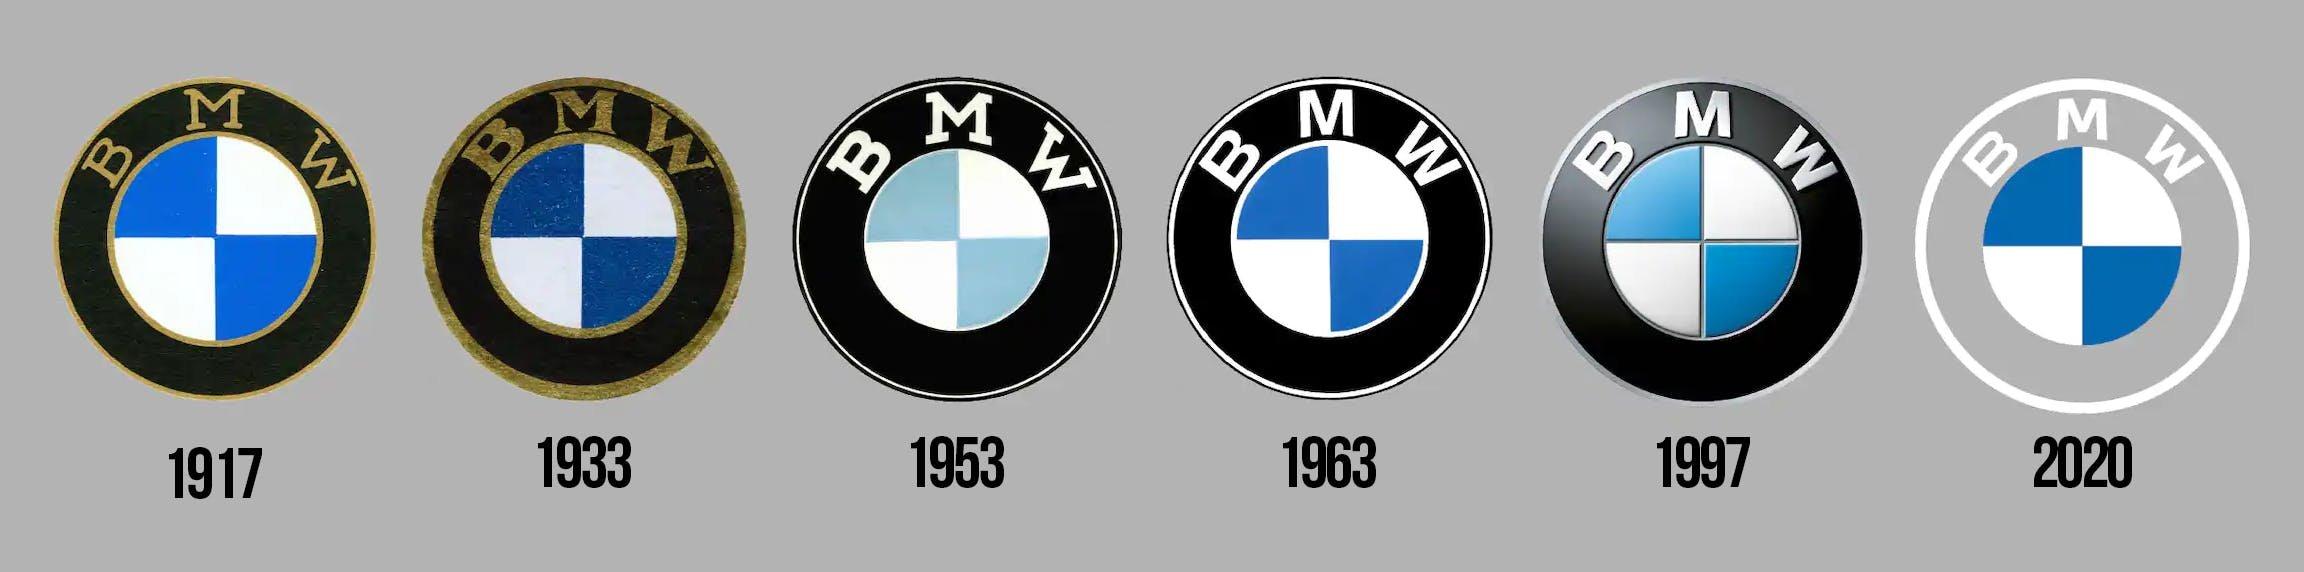 Эволюция логотипа BMW